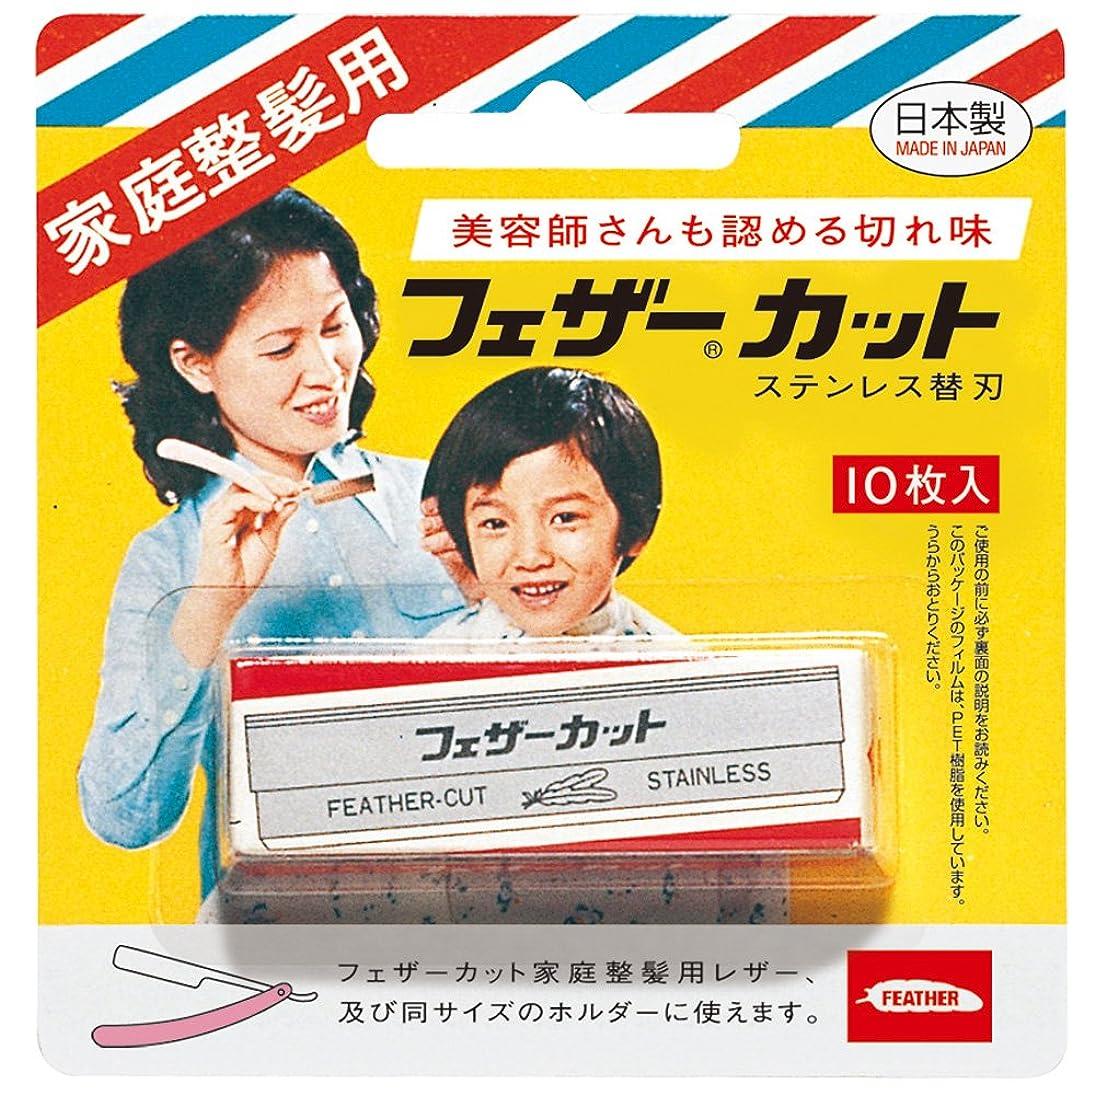 参照する家庭教師開示するフェザー 家庭整髪用カット 替刃 10枚入